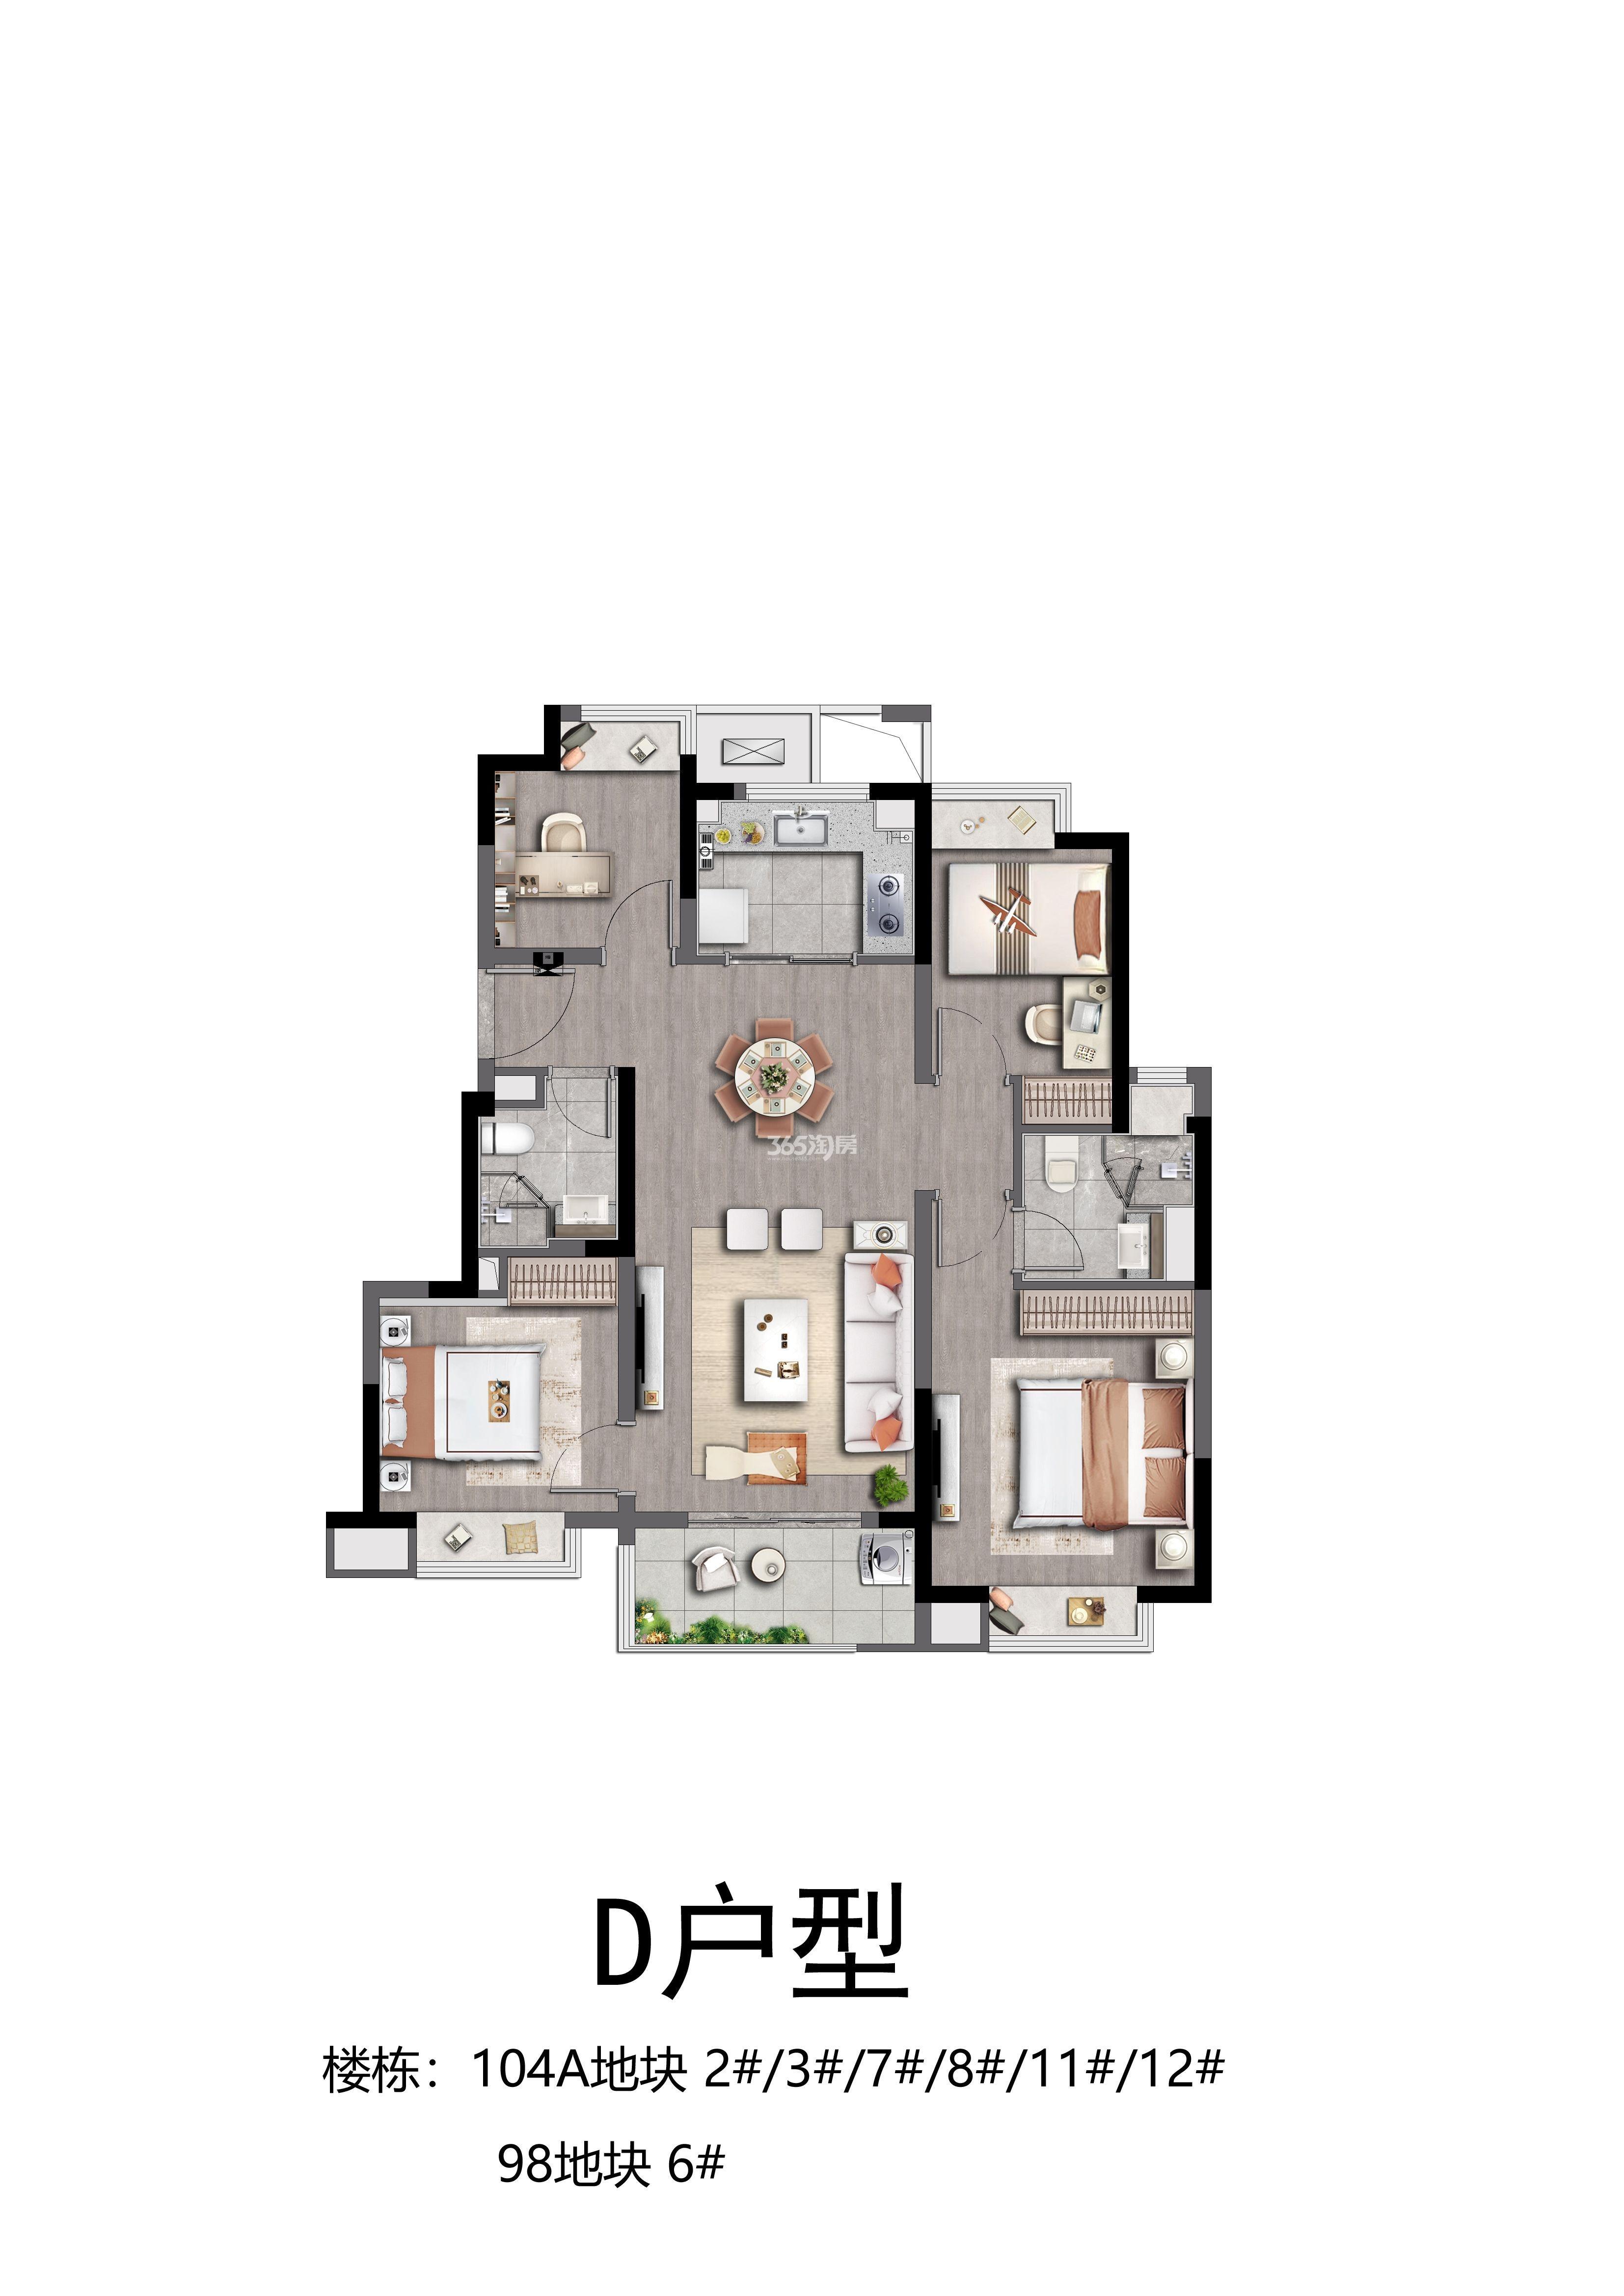 珠江·四季悦城户型图